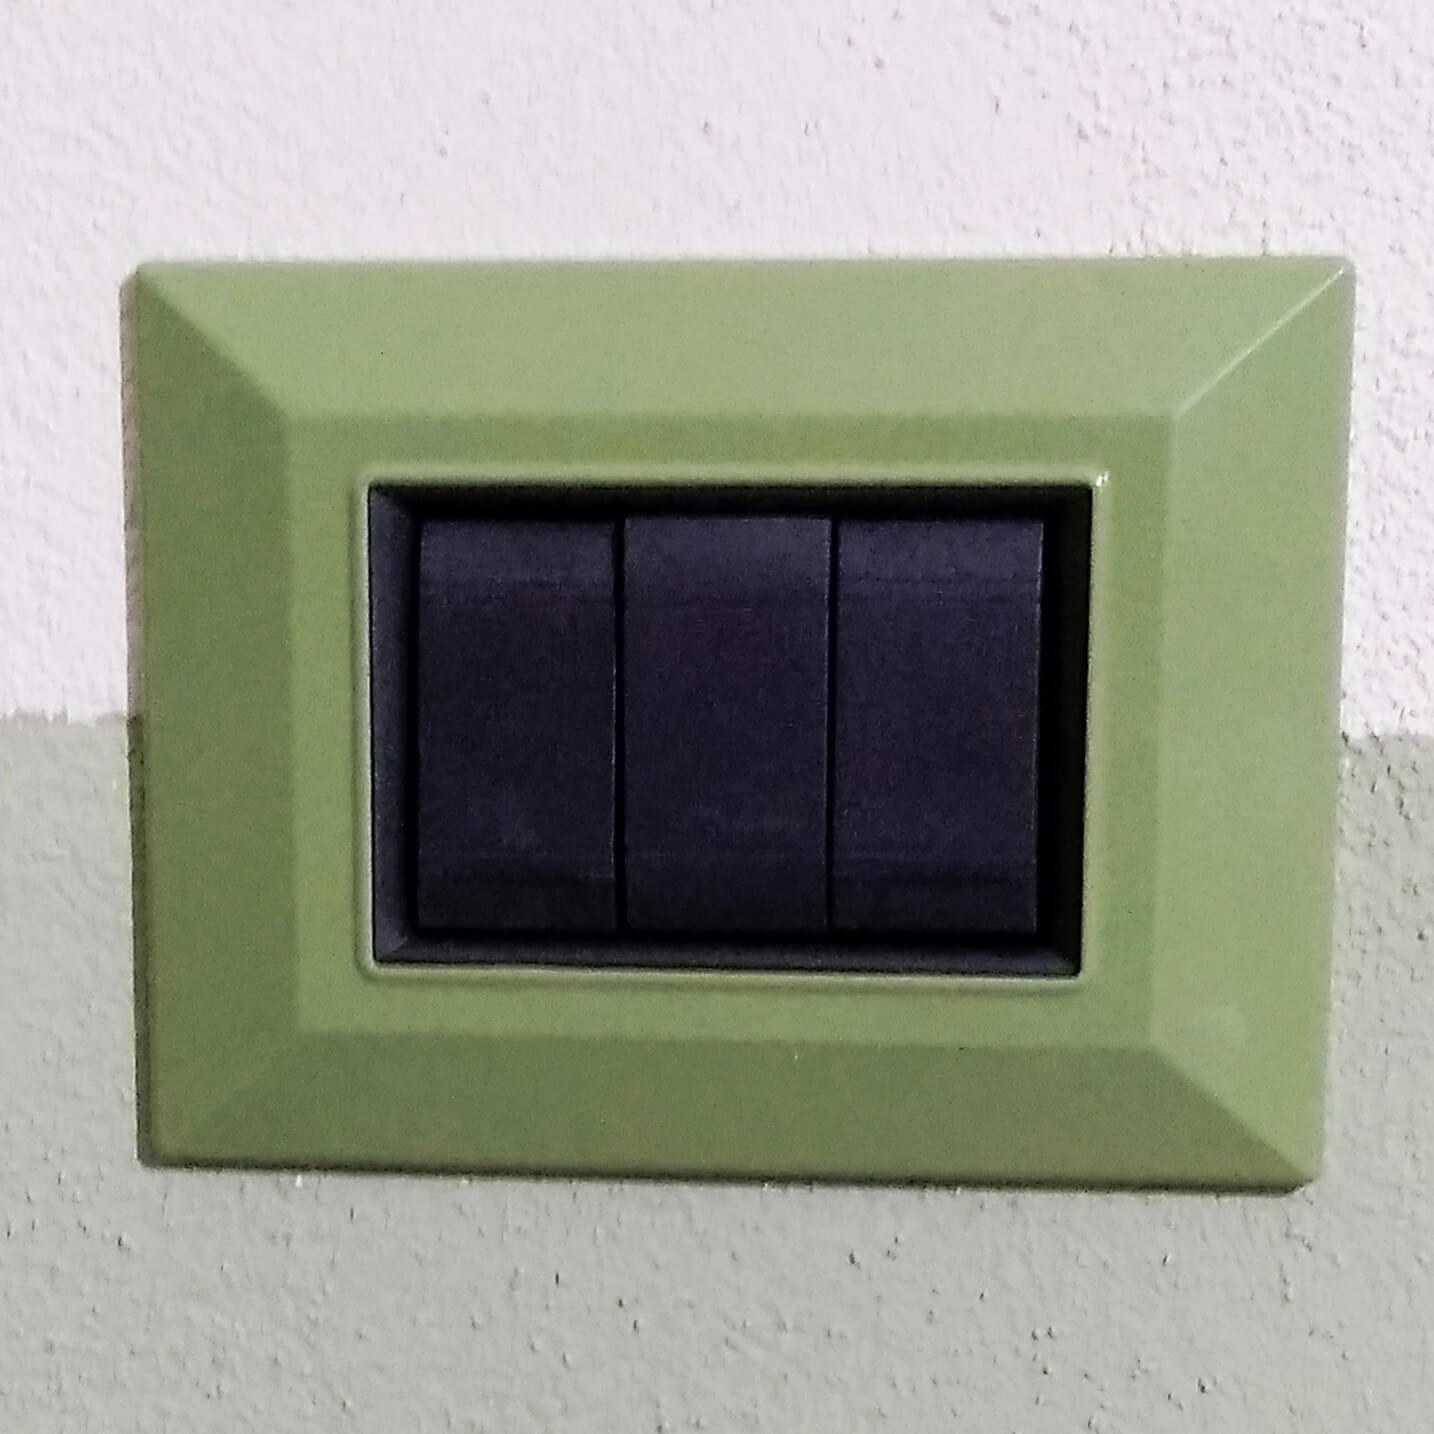 placca compatibile verde menta montata a muro tasti neri anello nero